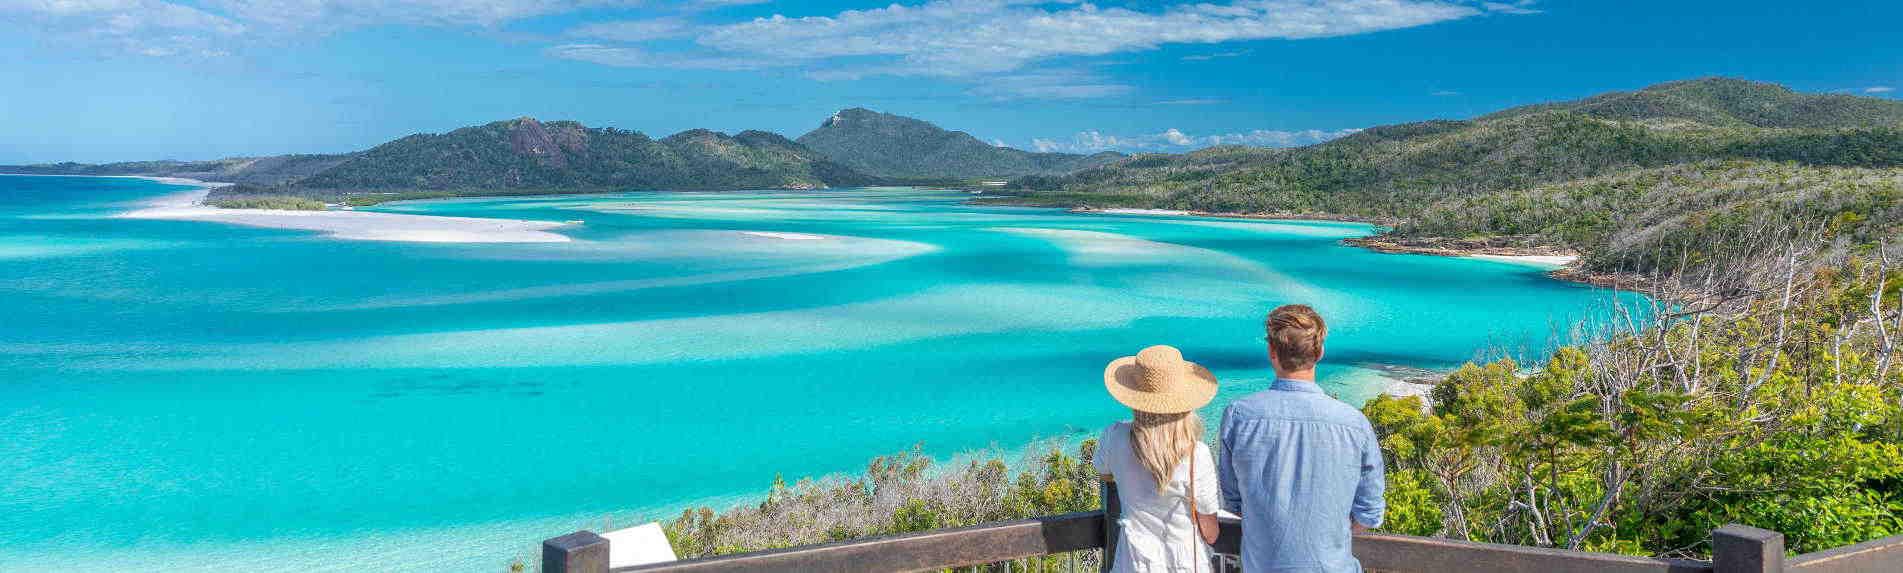 Whitsundays Tours